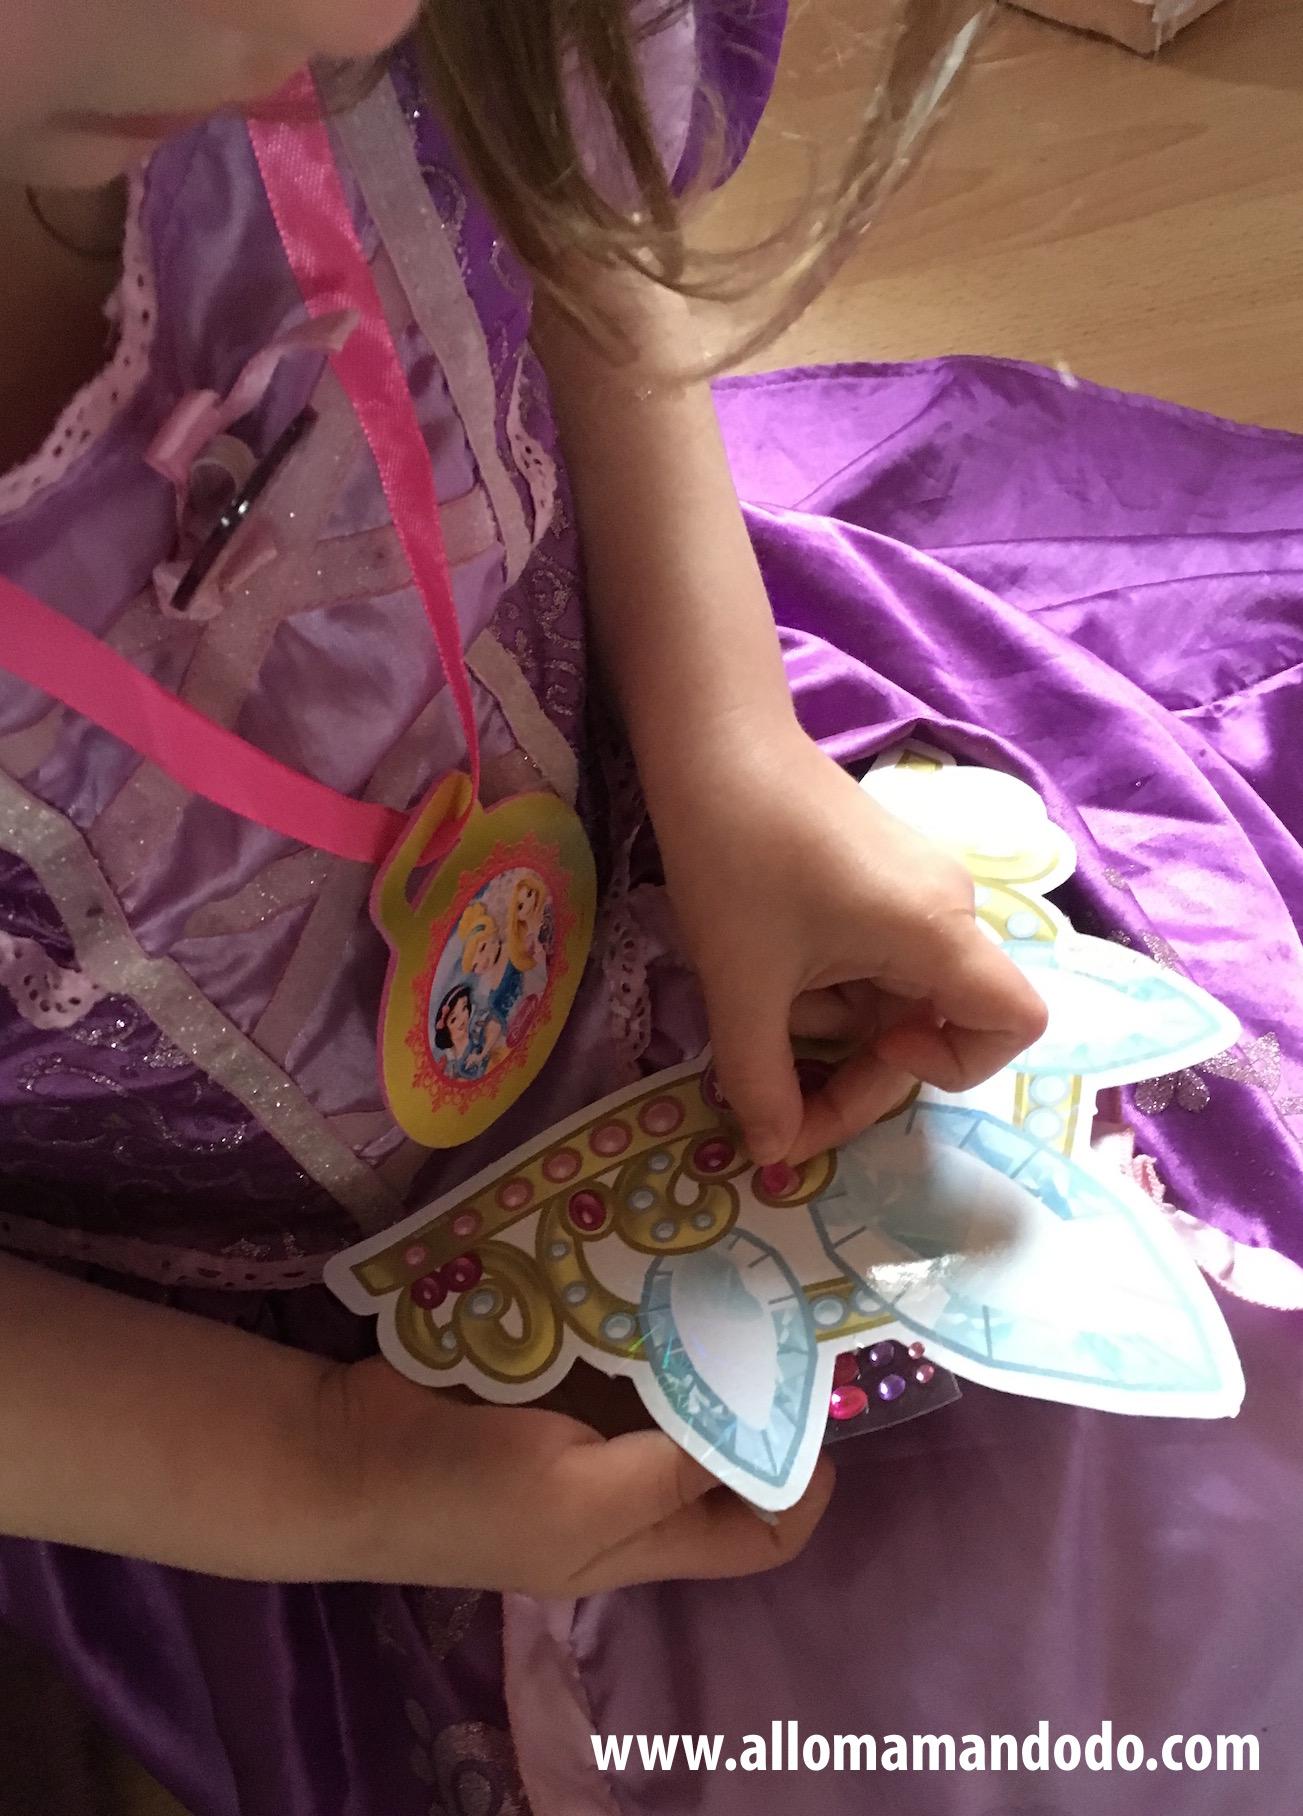 Son anniversaire princesse sweettable d co et activit s allo maman dodo - Couronne princesse a decorer ...